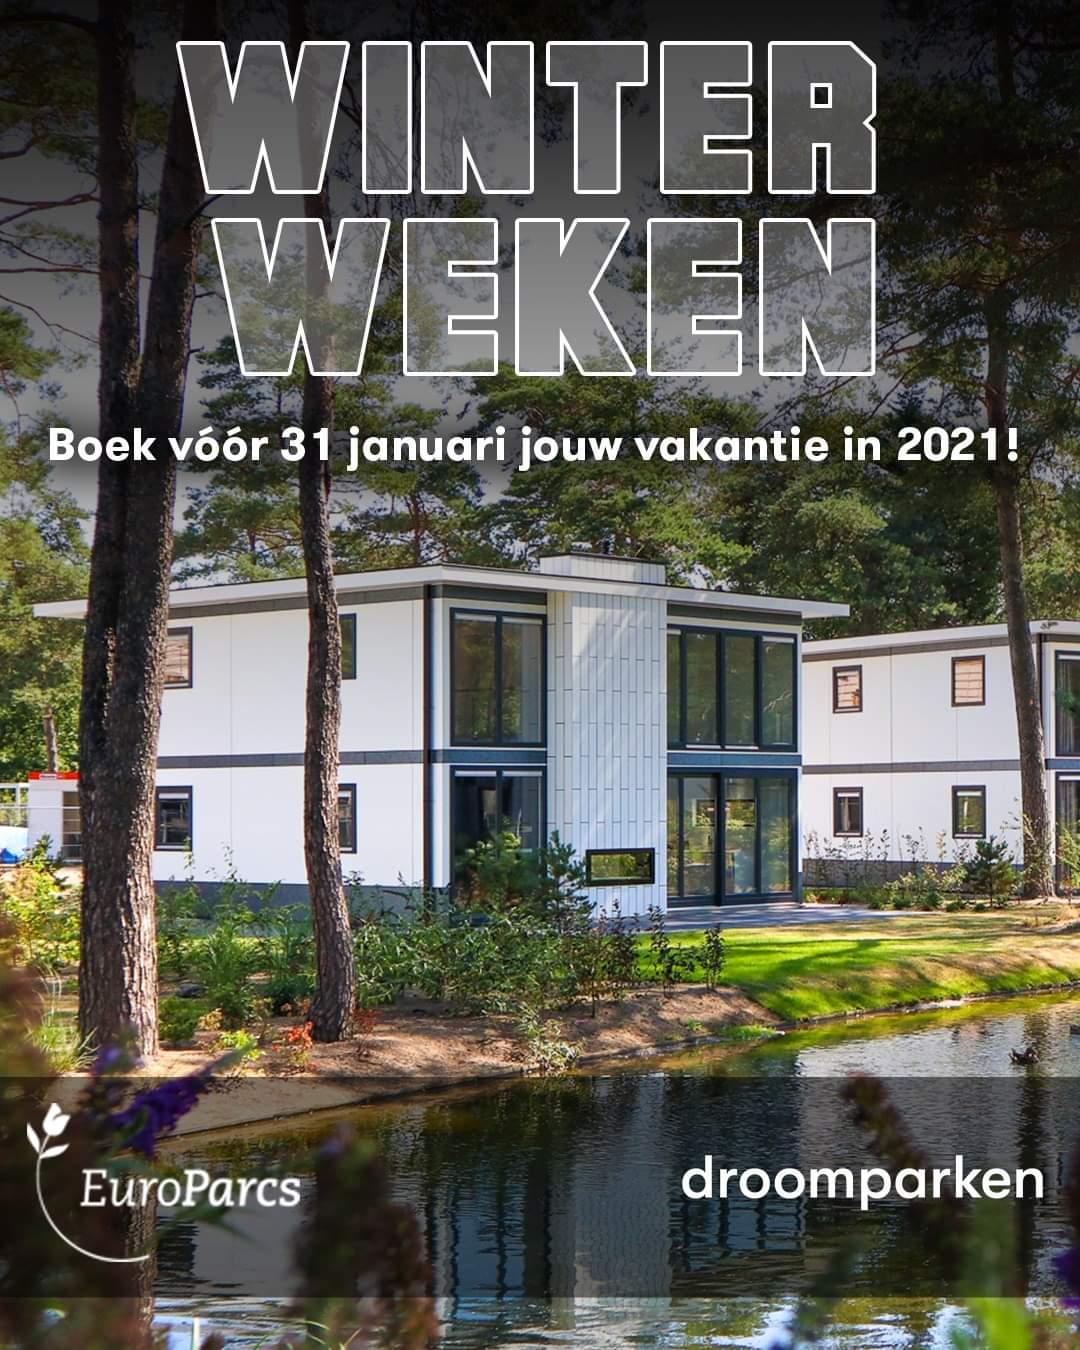 20% korting bij een boeking vóór 31 januari 2021 + gratis Feyenoord-zomerpakket @ Droomparken & EuroParcs